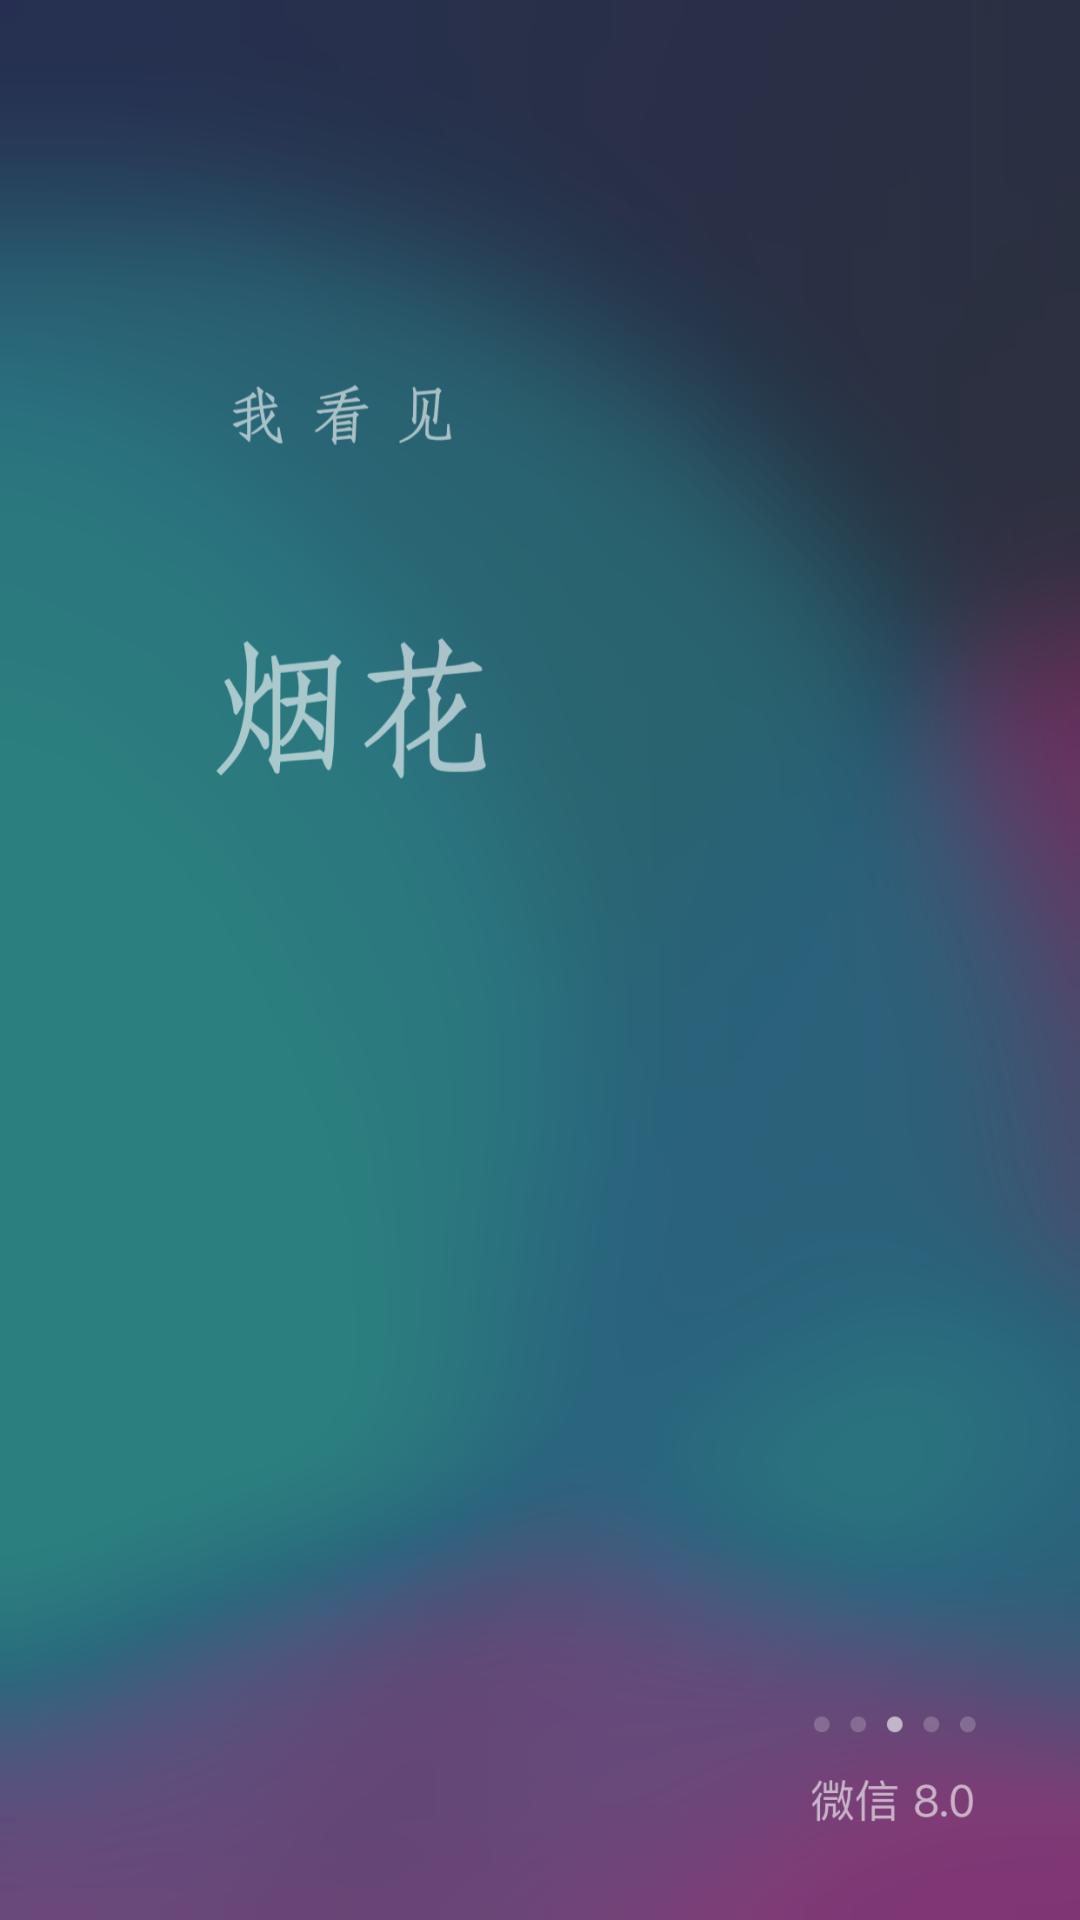 微信大版本8.0,炸场来袭